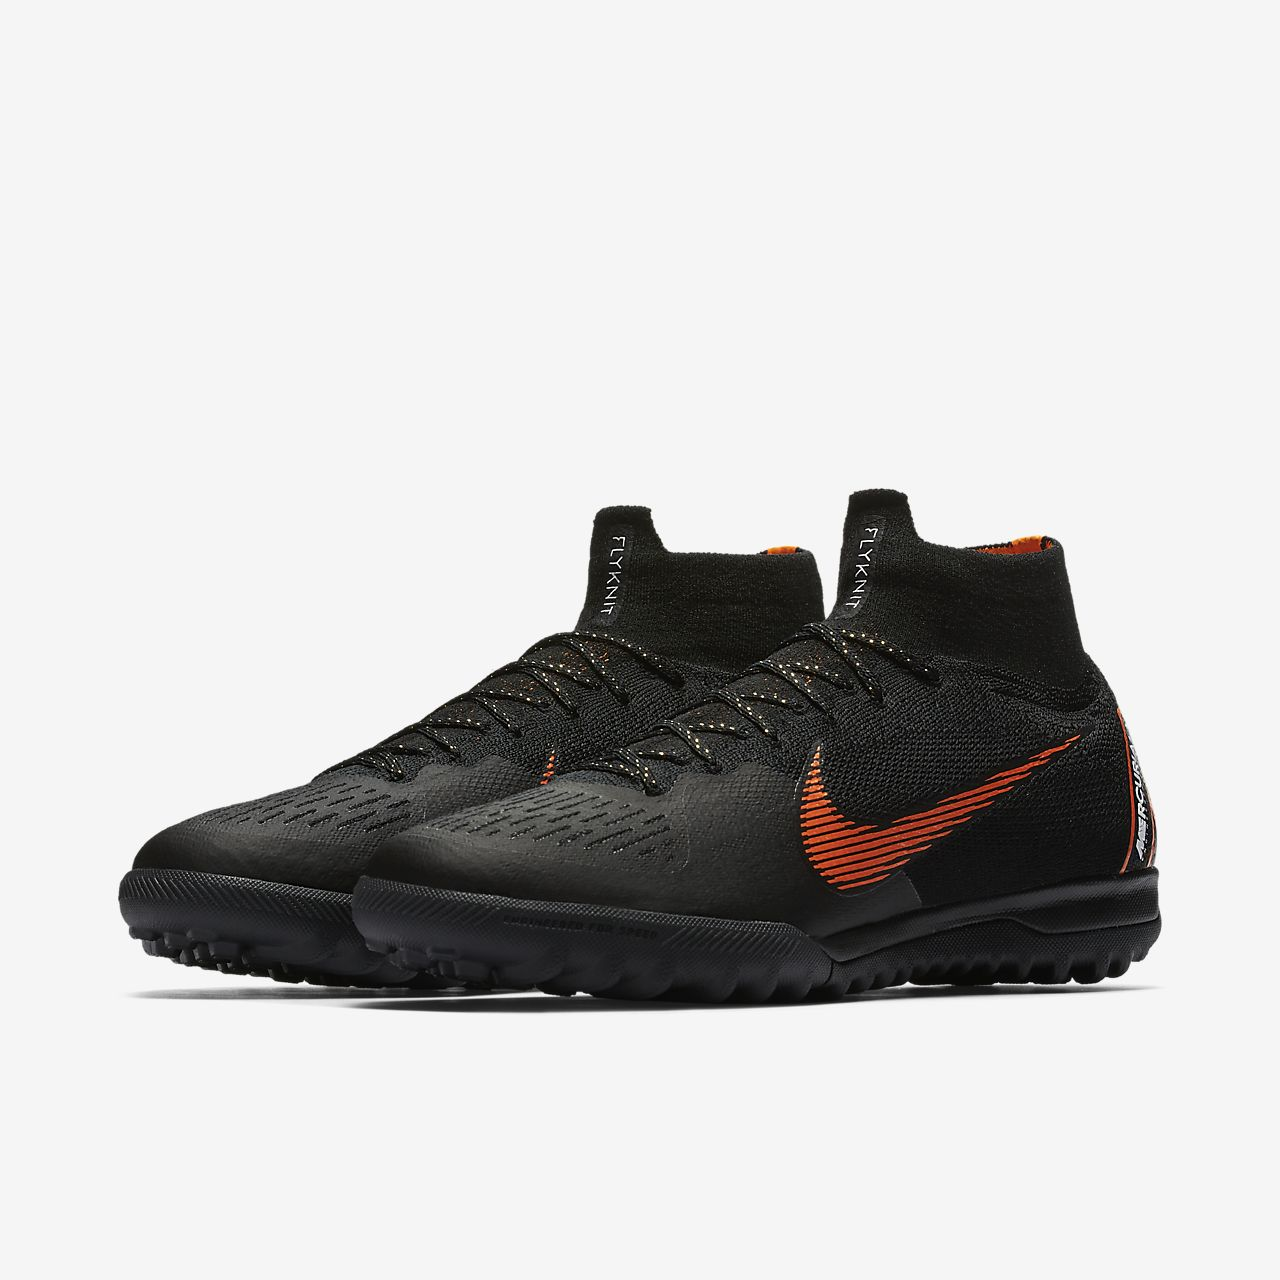 scarpe da calcio nike flyknit